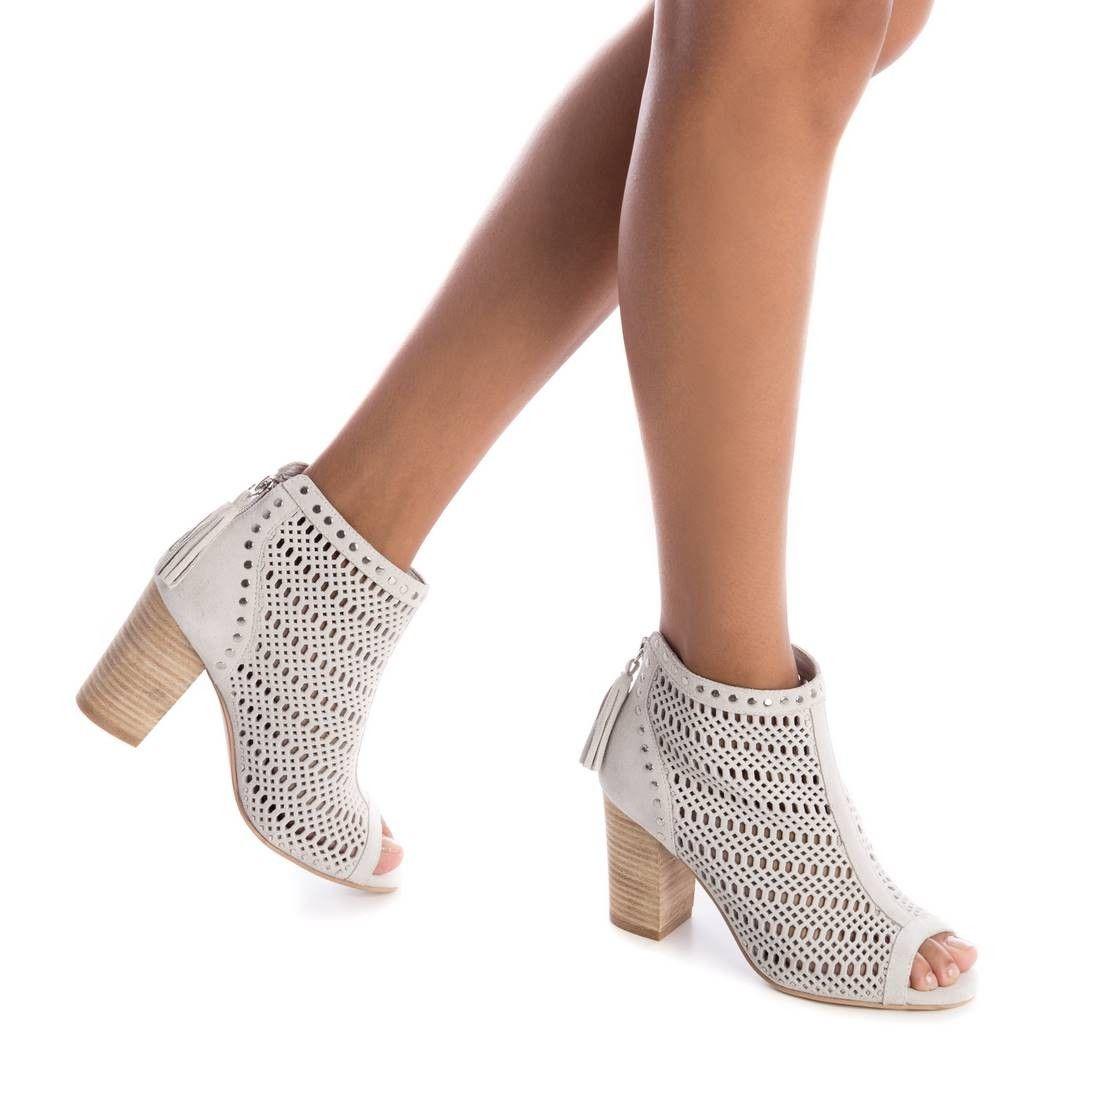 Para estrenar 94be1 a0d0b Catálogo Zapatos XTI Otoño Invierno 2020 | Zapatos y ...